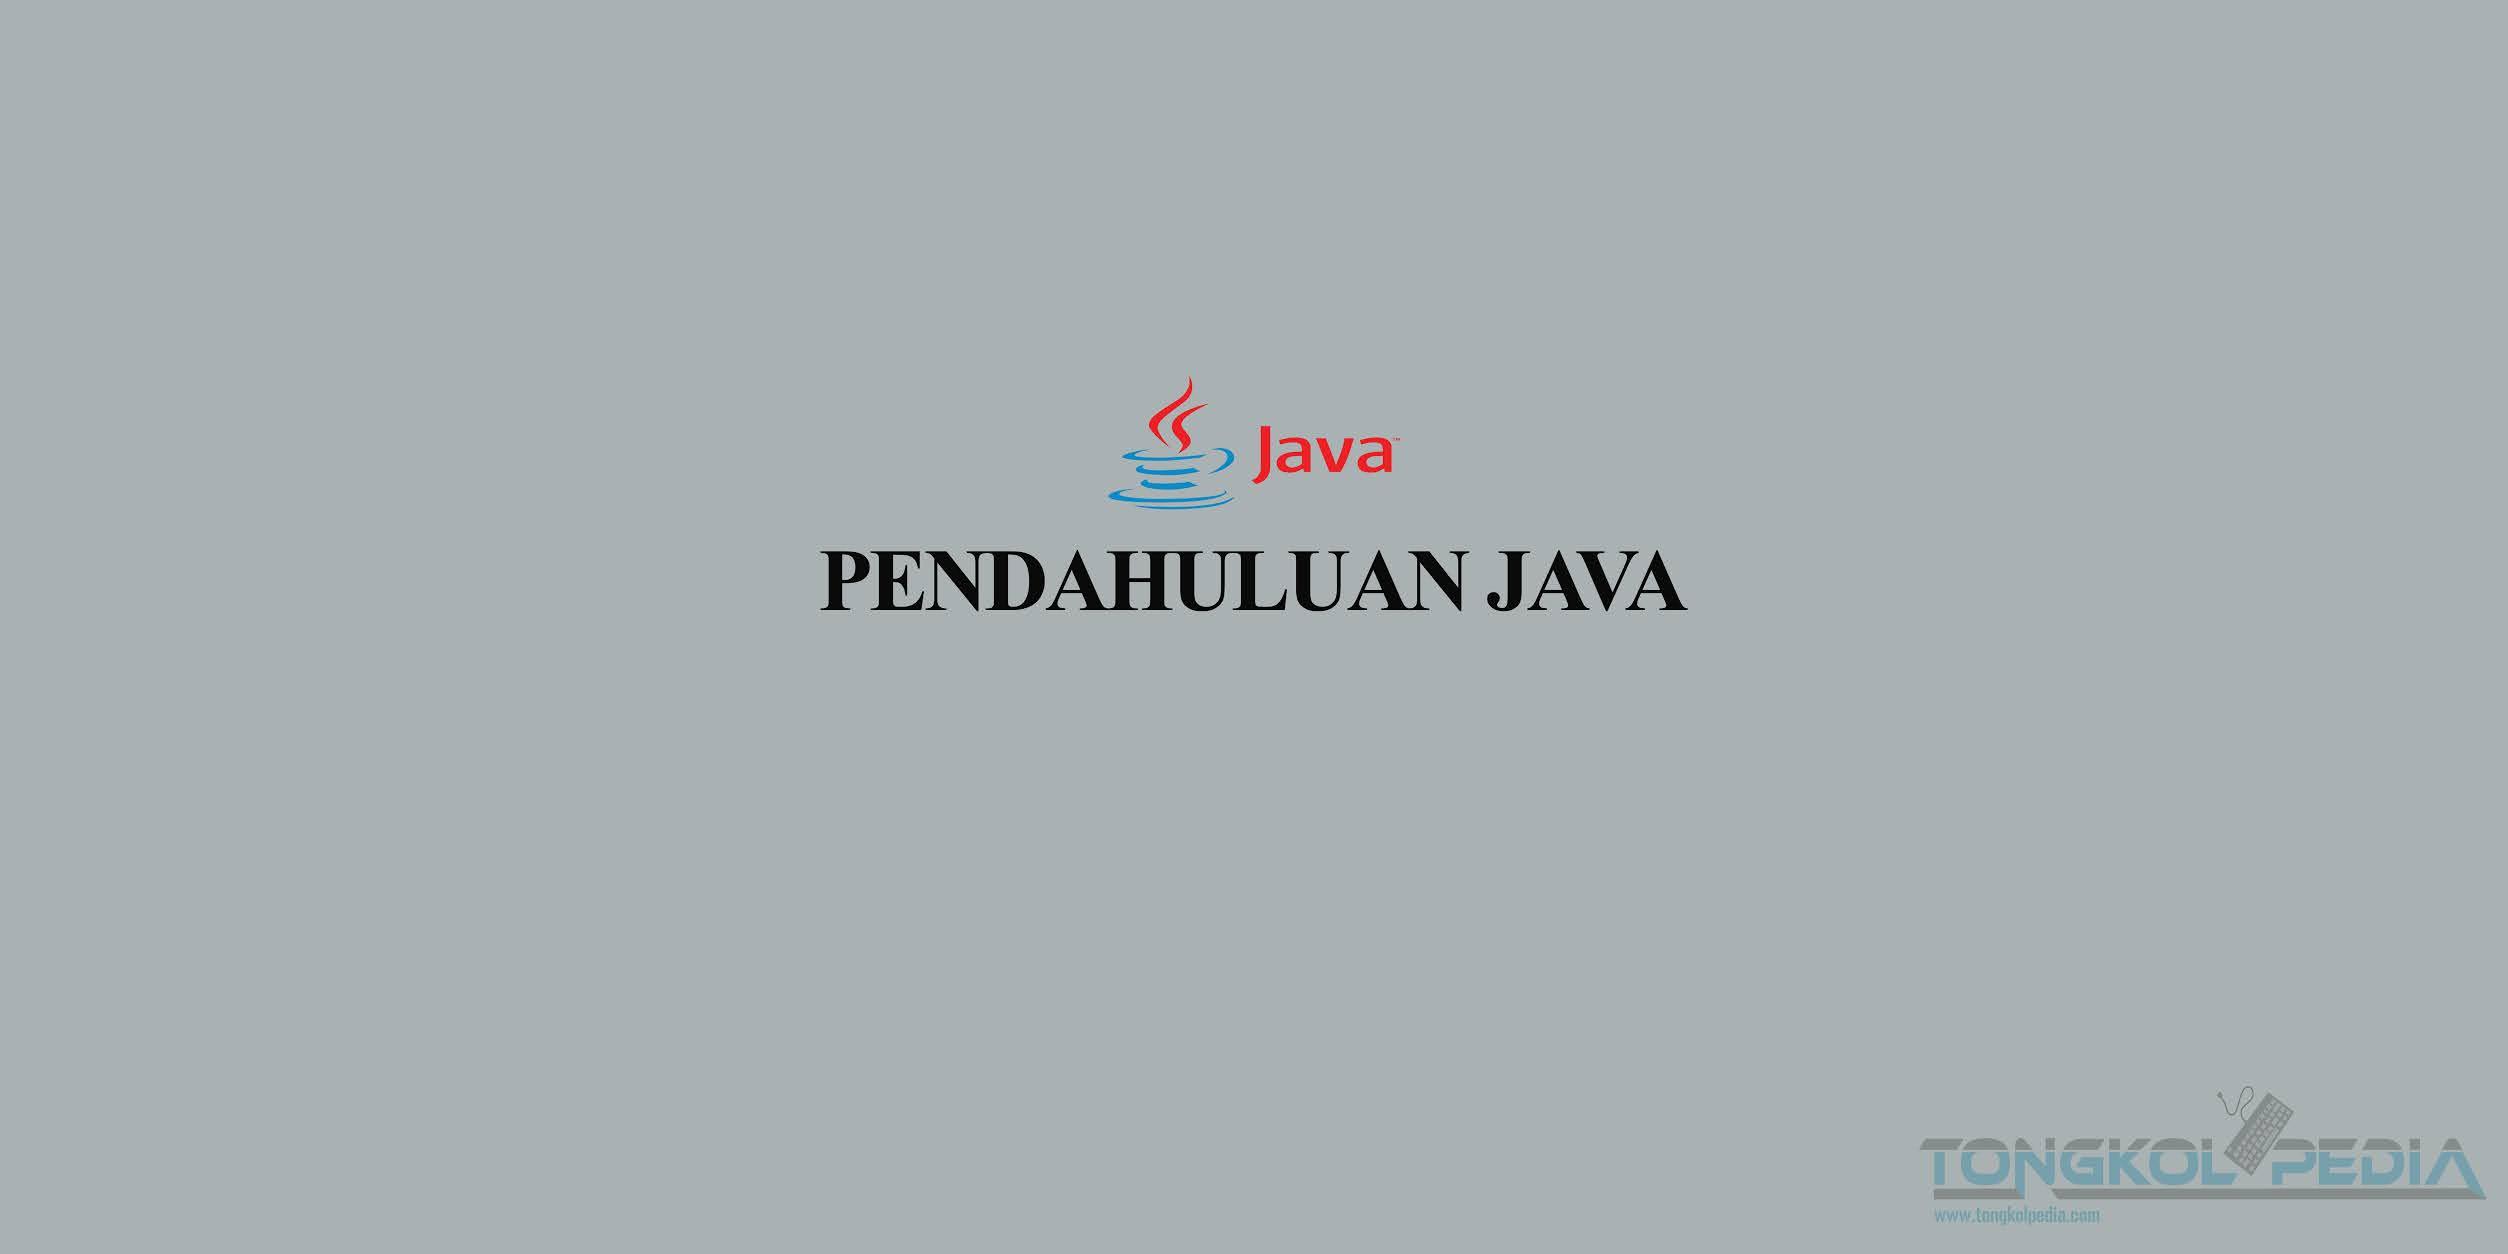 Pendahuluan Java